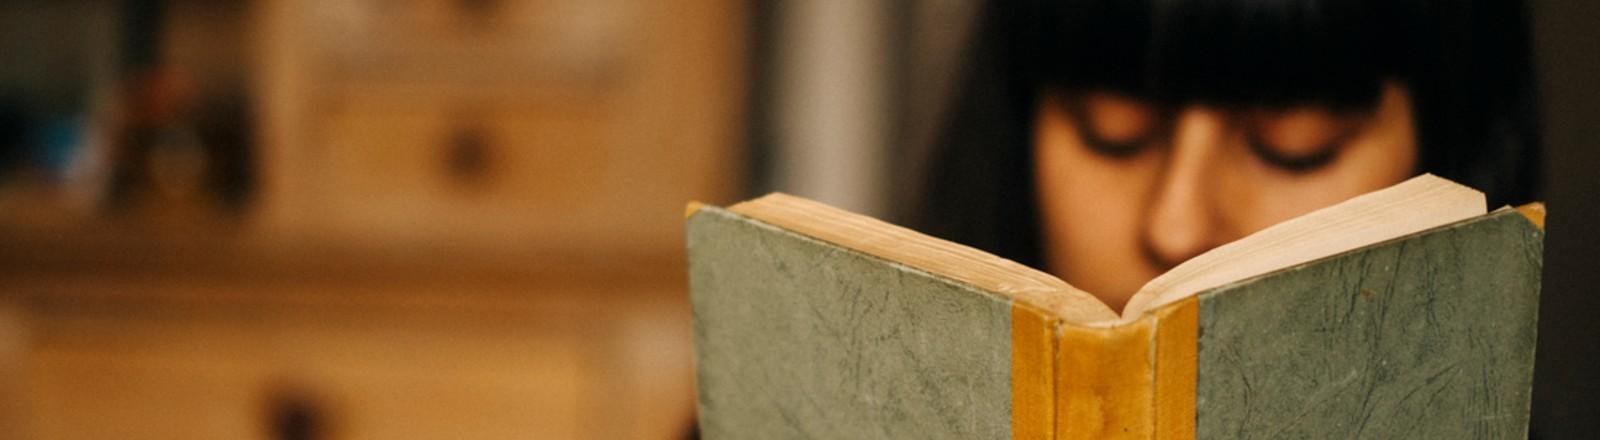 Eine Frau mit rot lackierten Fingernägeln liest ein Tagebuch